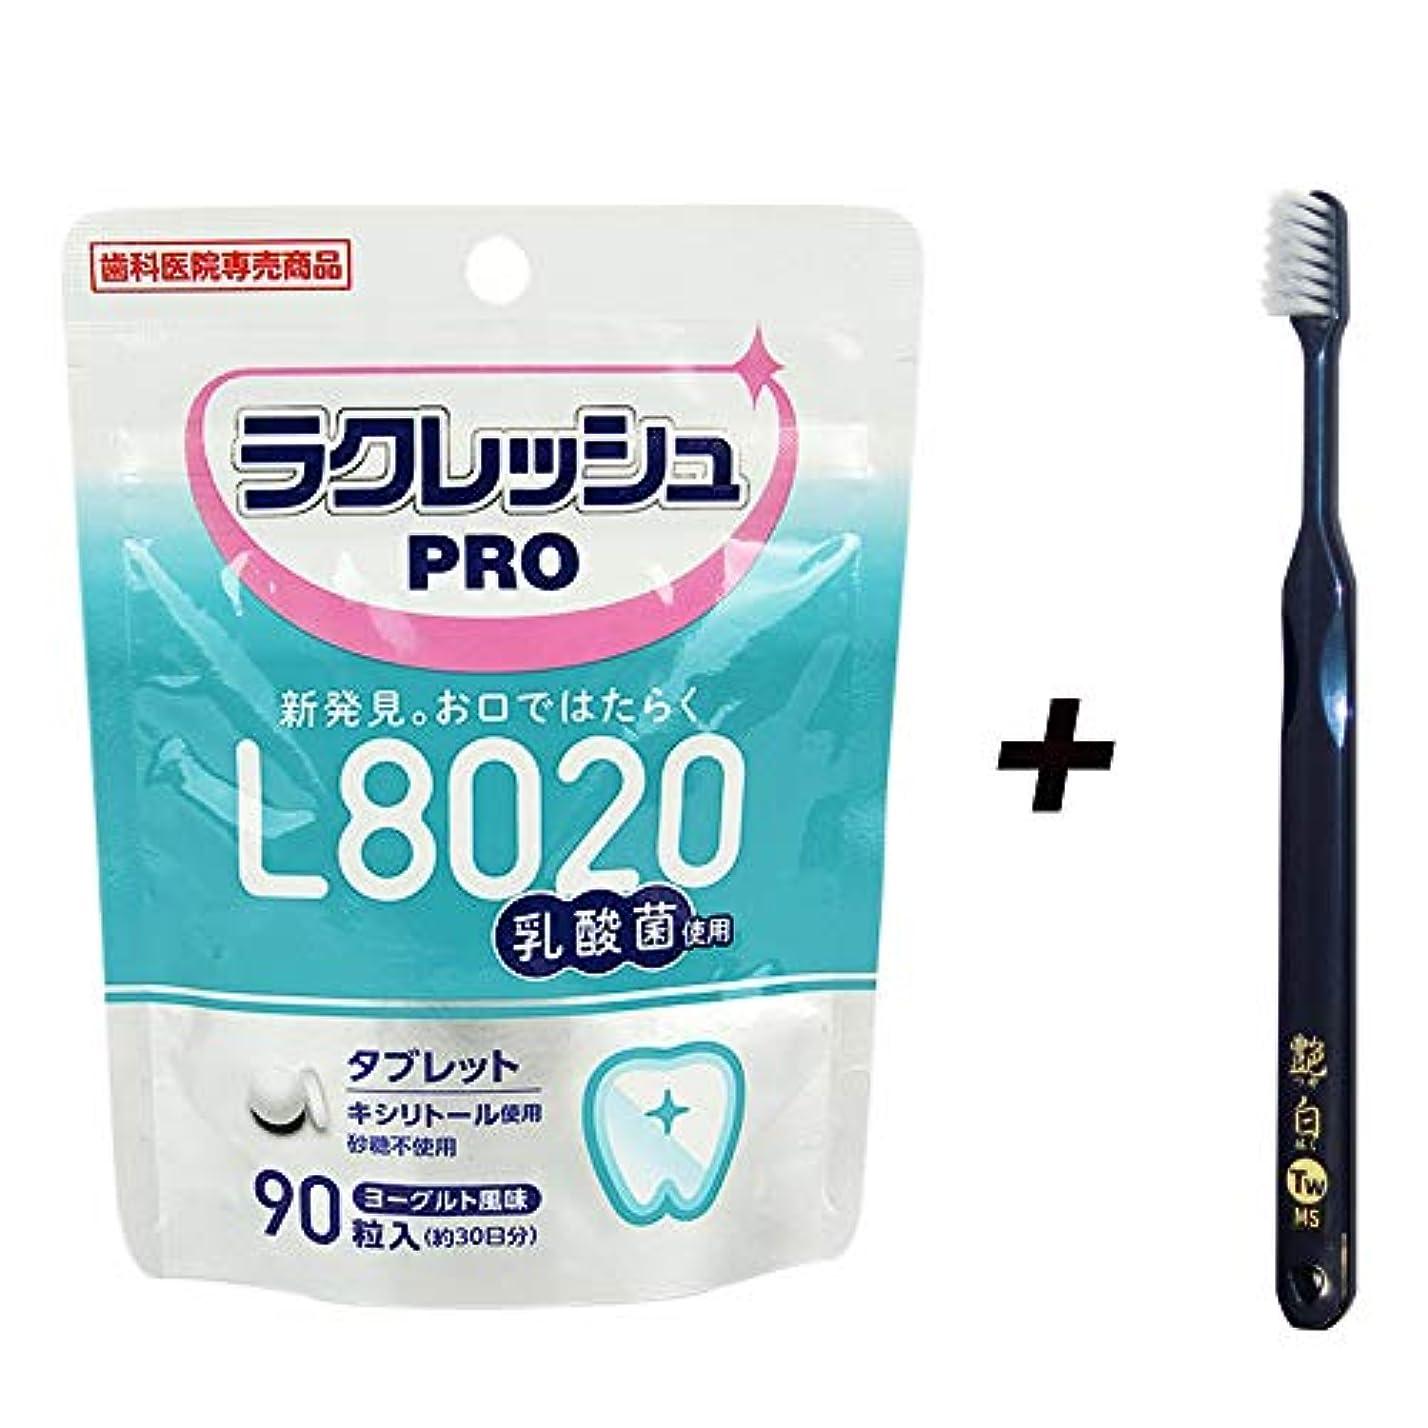 劇作家フェードアウト優しさL8020 乳酸菌 ラクレッシュ PRO タブレット 90粒×1袋 + 日本製歯ブラシ 艶白(つやはく)ツイン ハブラシ 1本 MS(やややわらかめ) 歯科医院取扱品